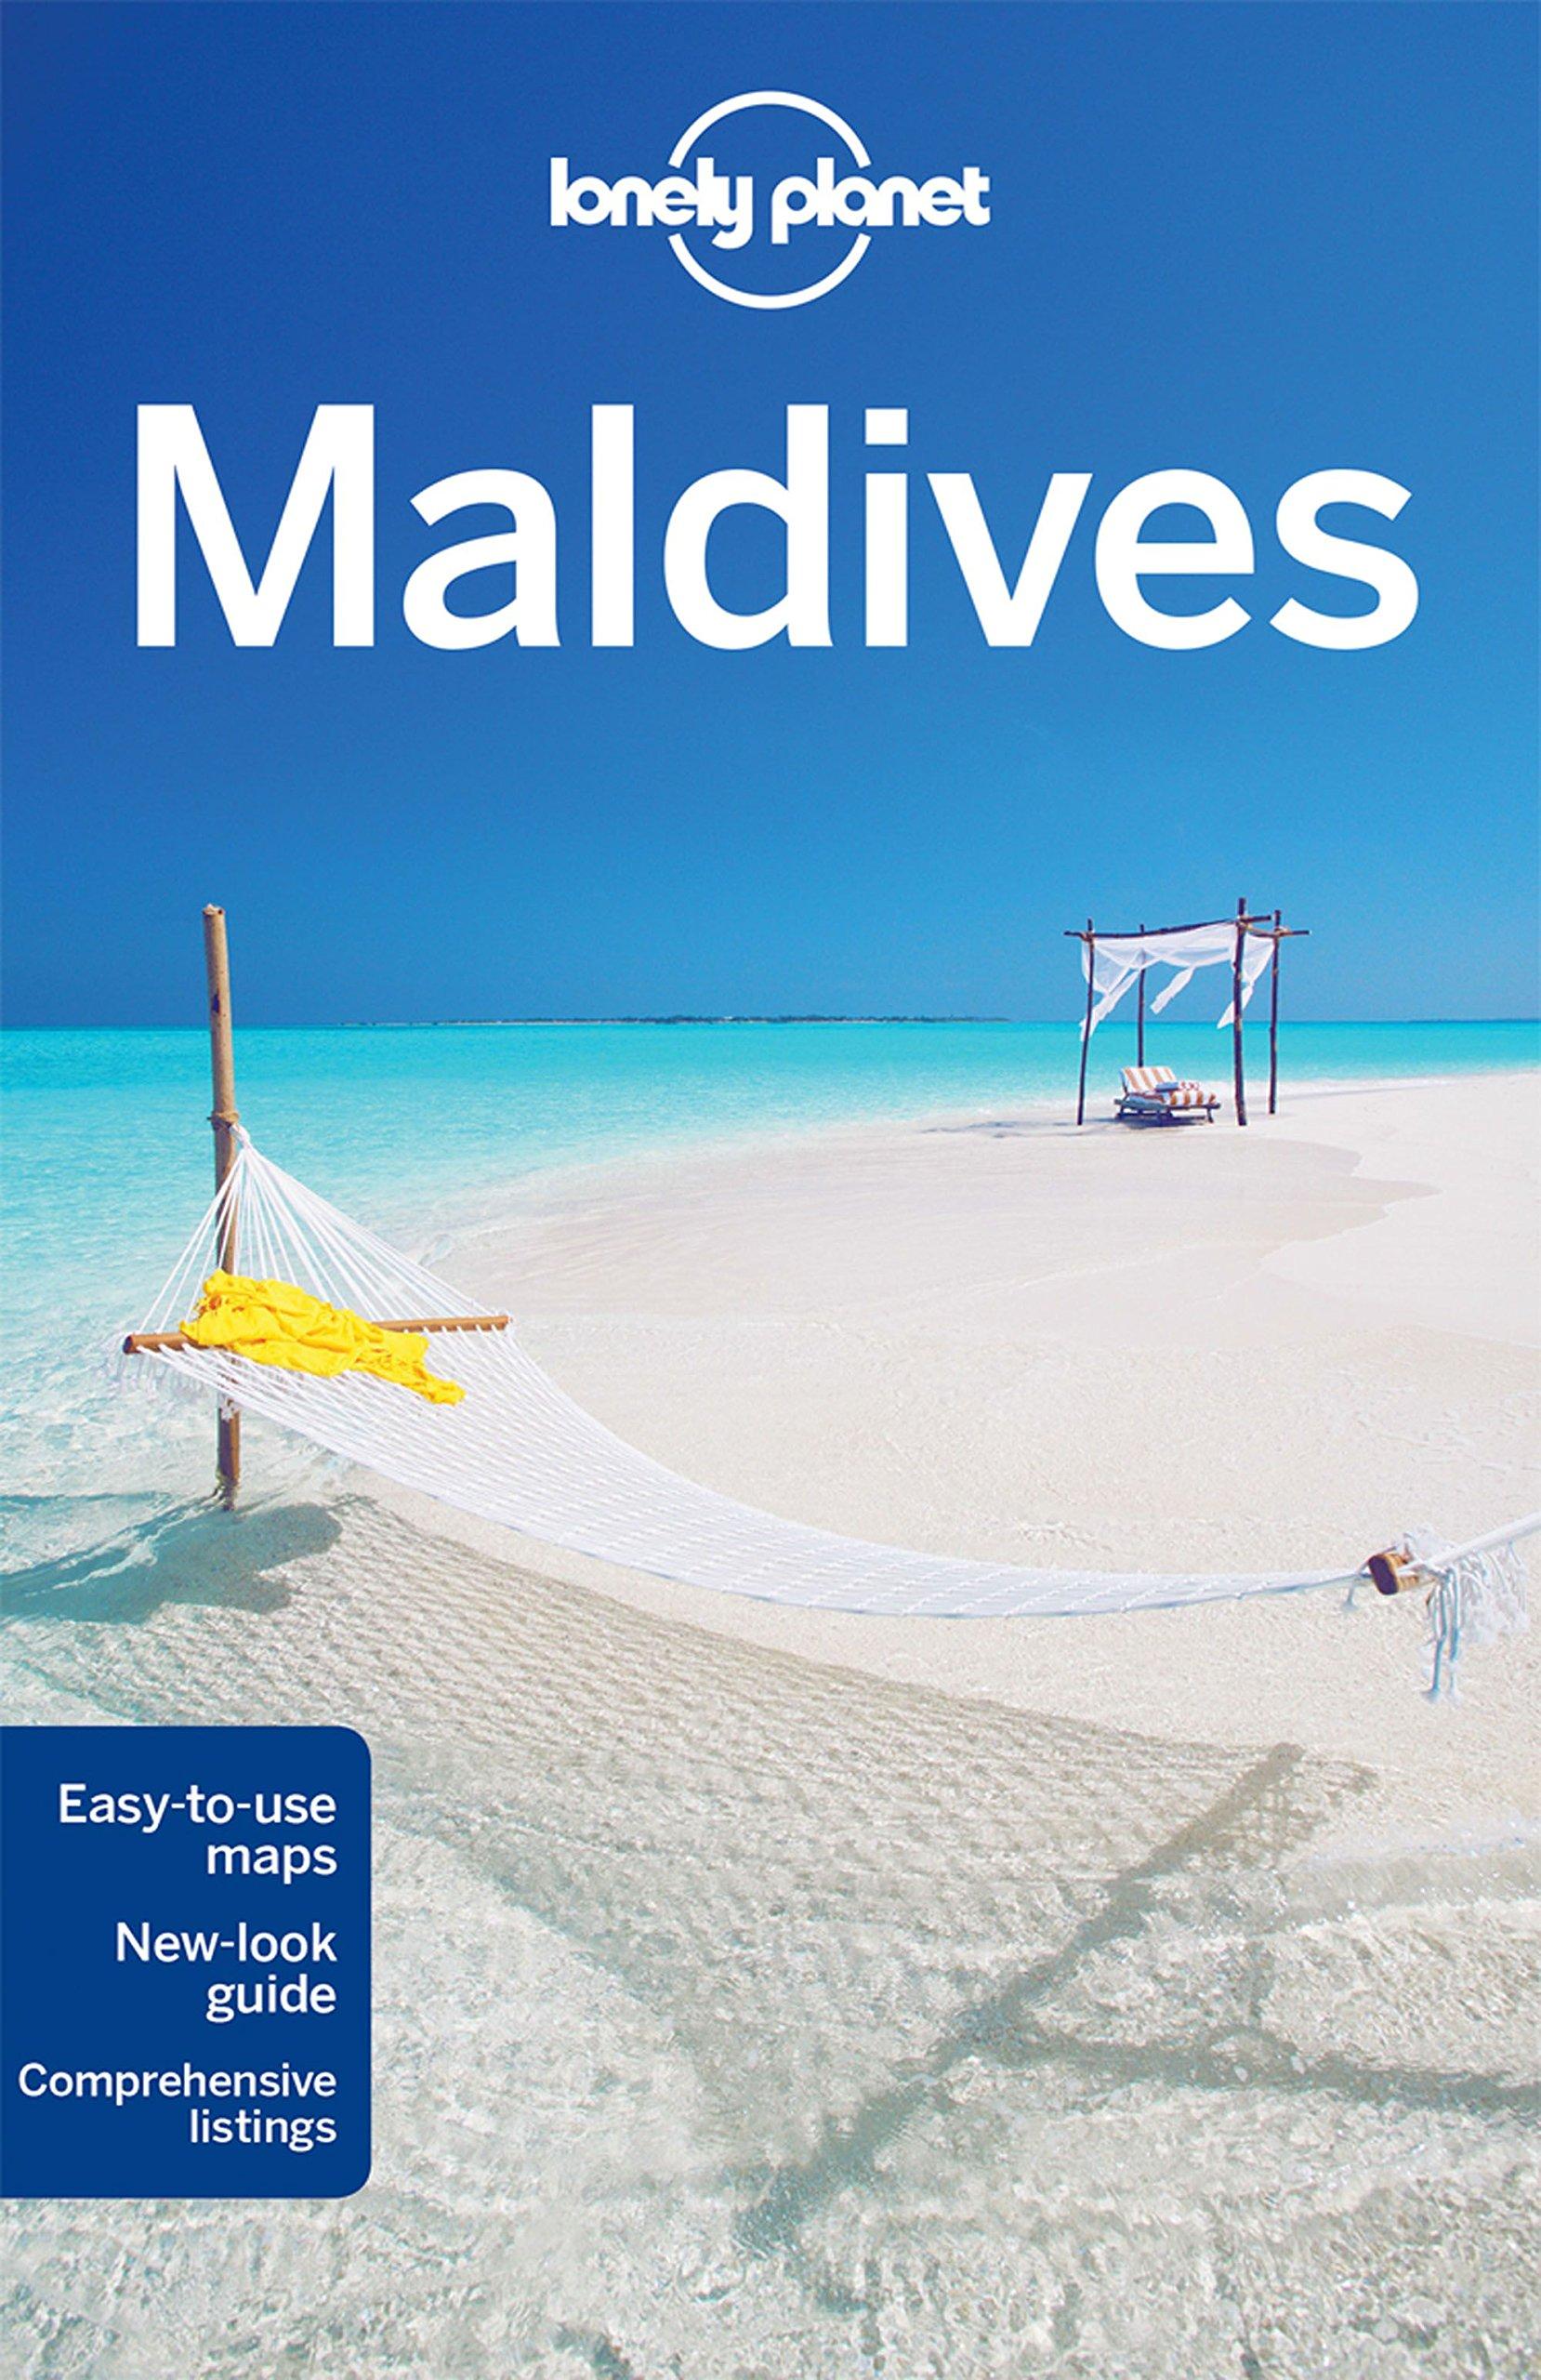 Kostenlose Dating-Seiten in Malediven Sehen Sie sich die Dating-Ratschläge aus meinem zukünftigen Selbst an